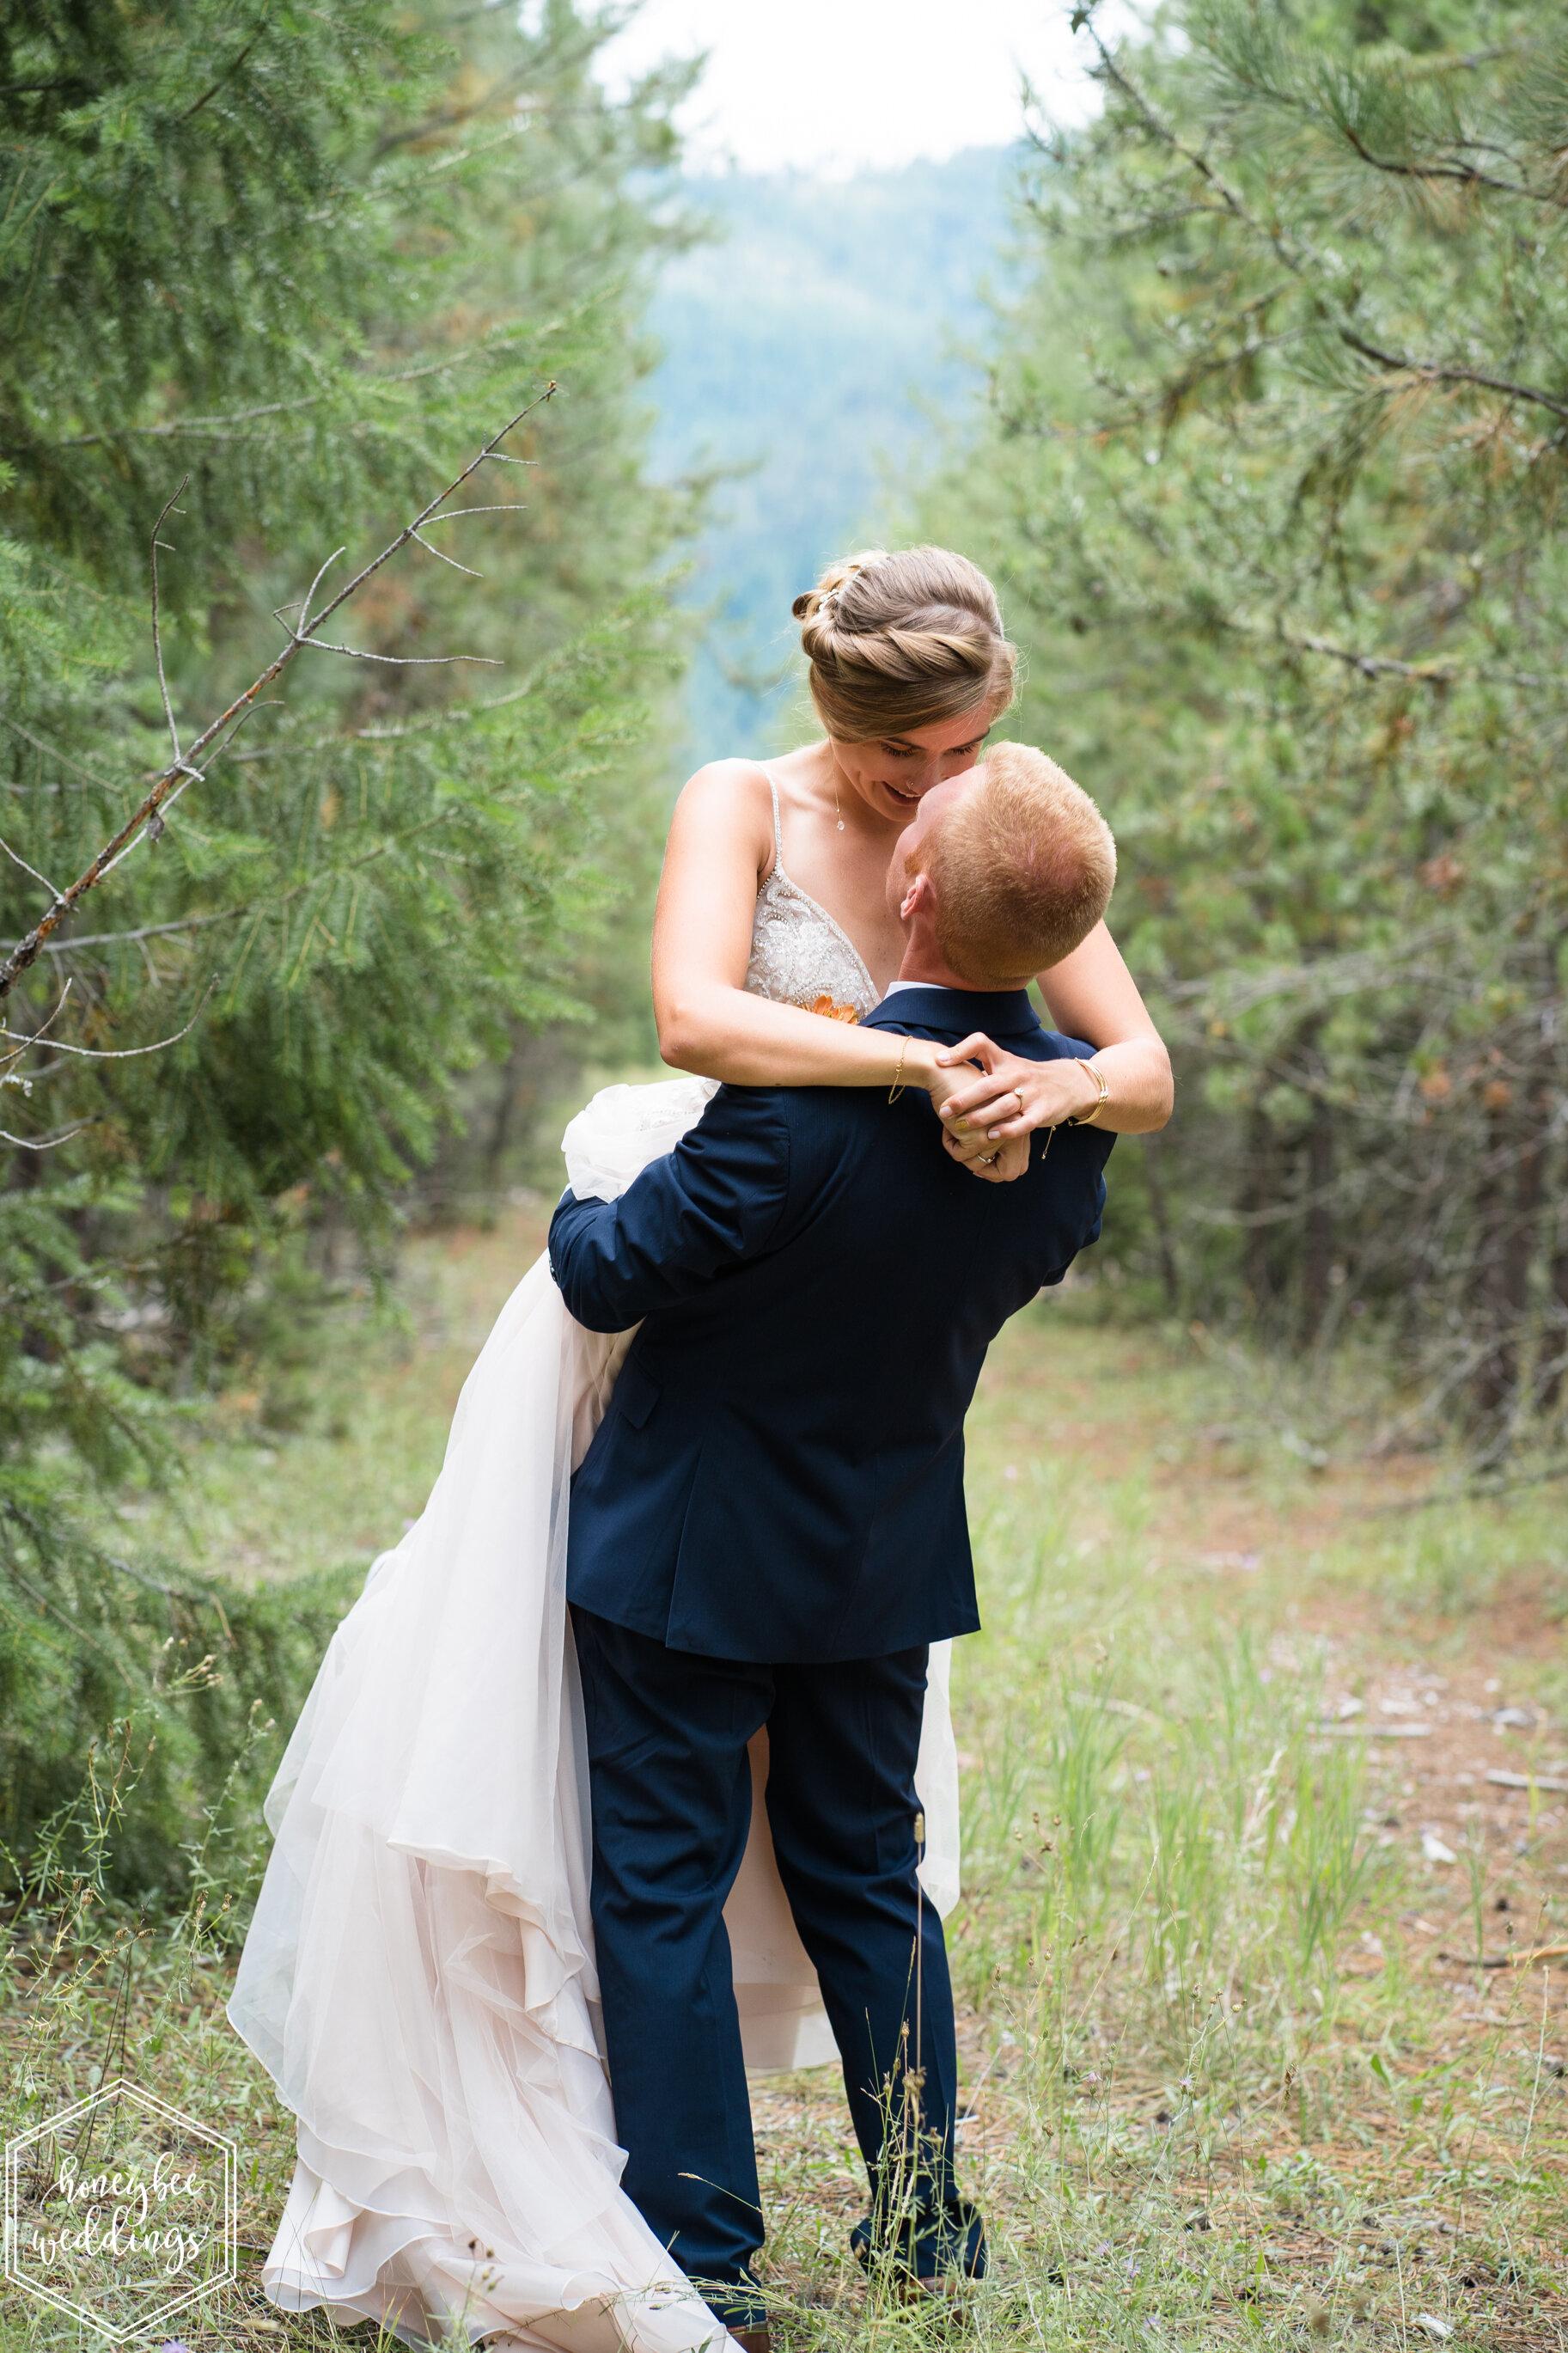 066Seven Mile Meadows Wedding_Montana Wedding Photographer_Jamie & Wes_Honeybee Weddings_September 07, 2019-52.jpg